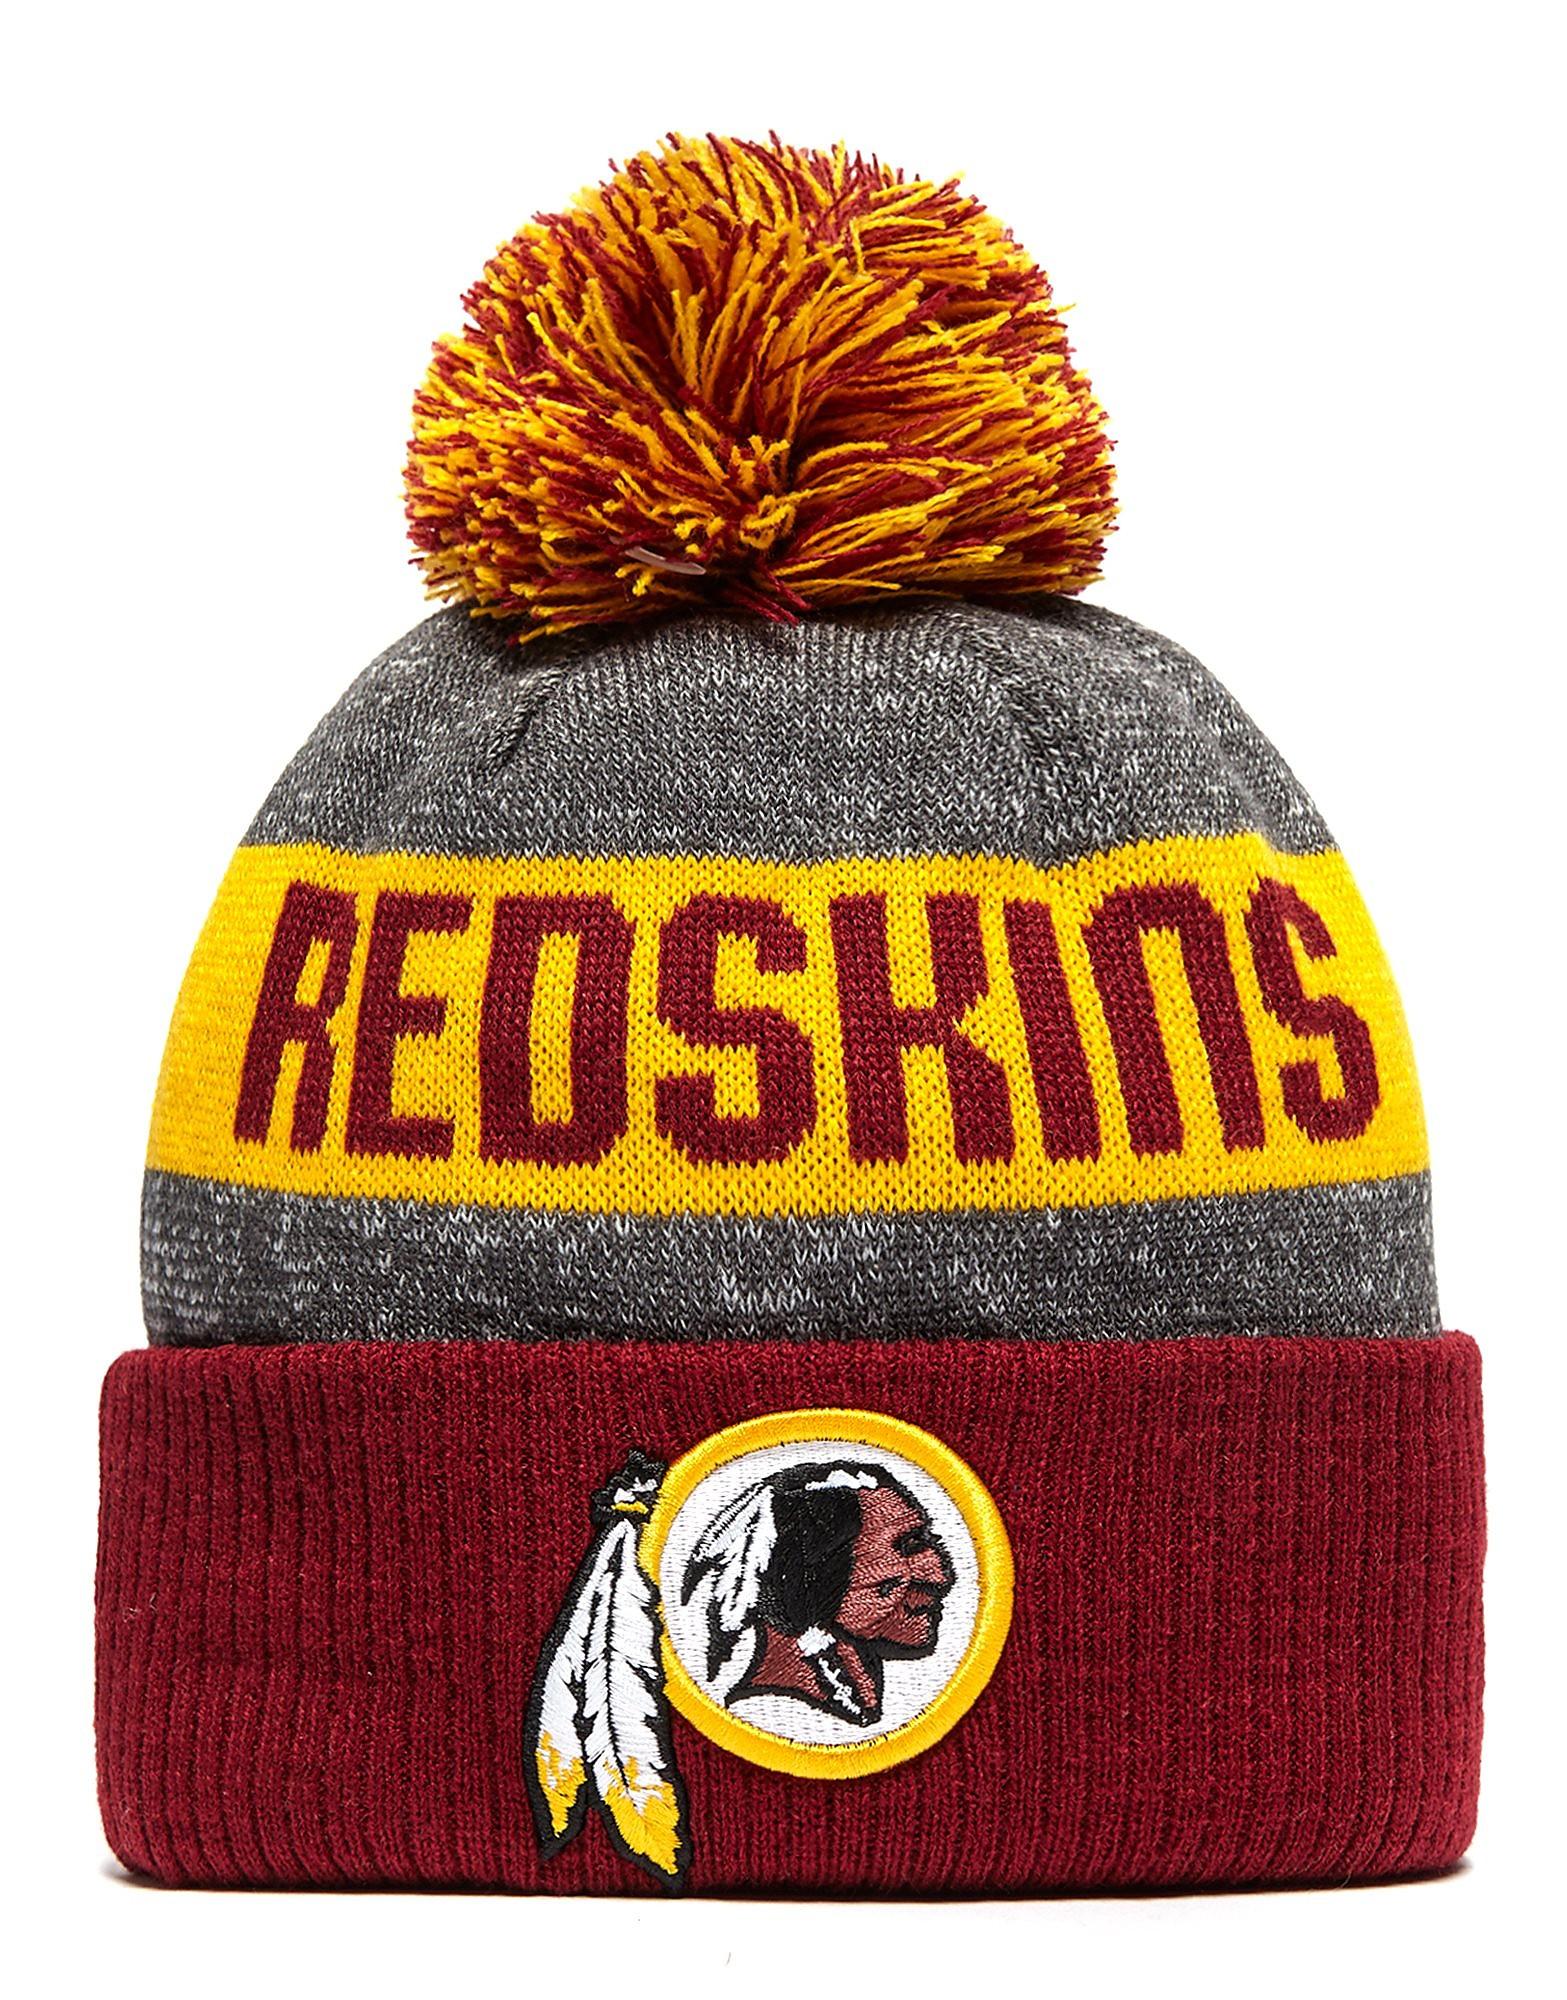 New Era NFL Washington Redskins Pom Beanie